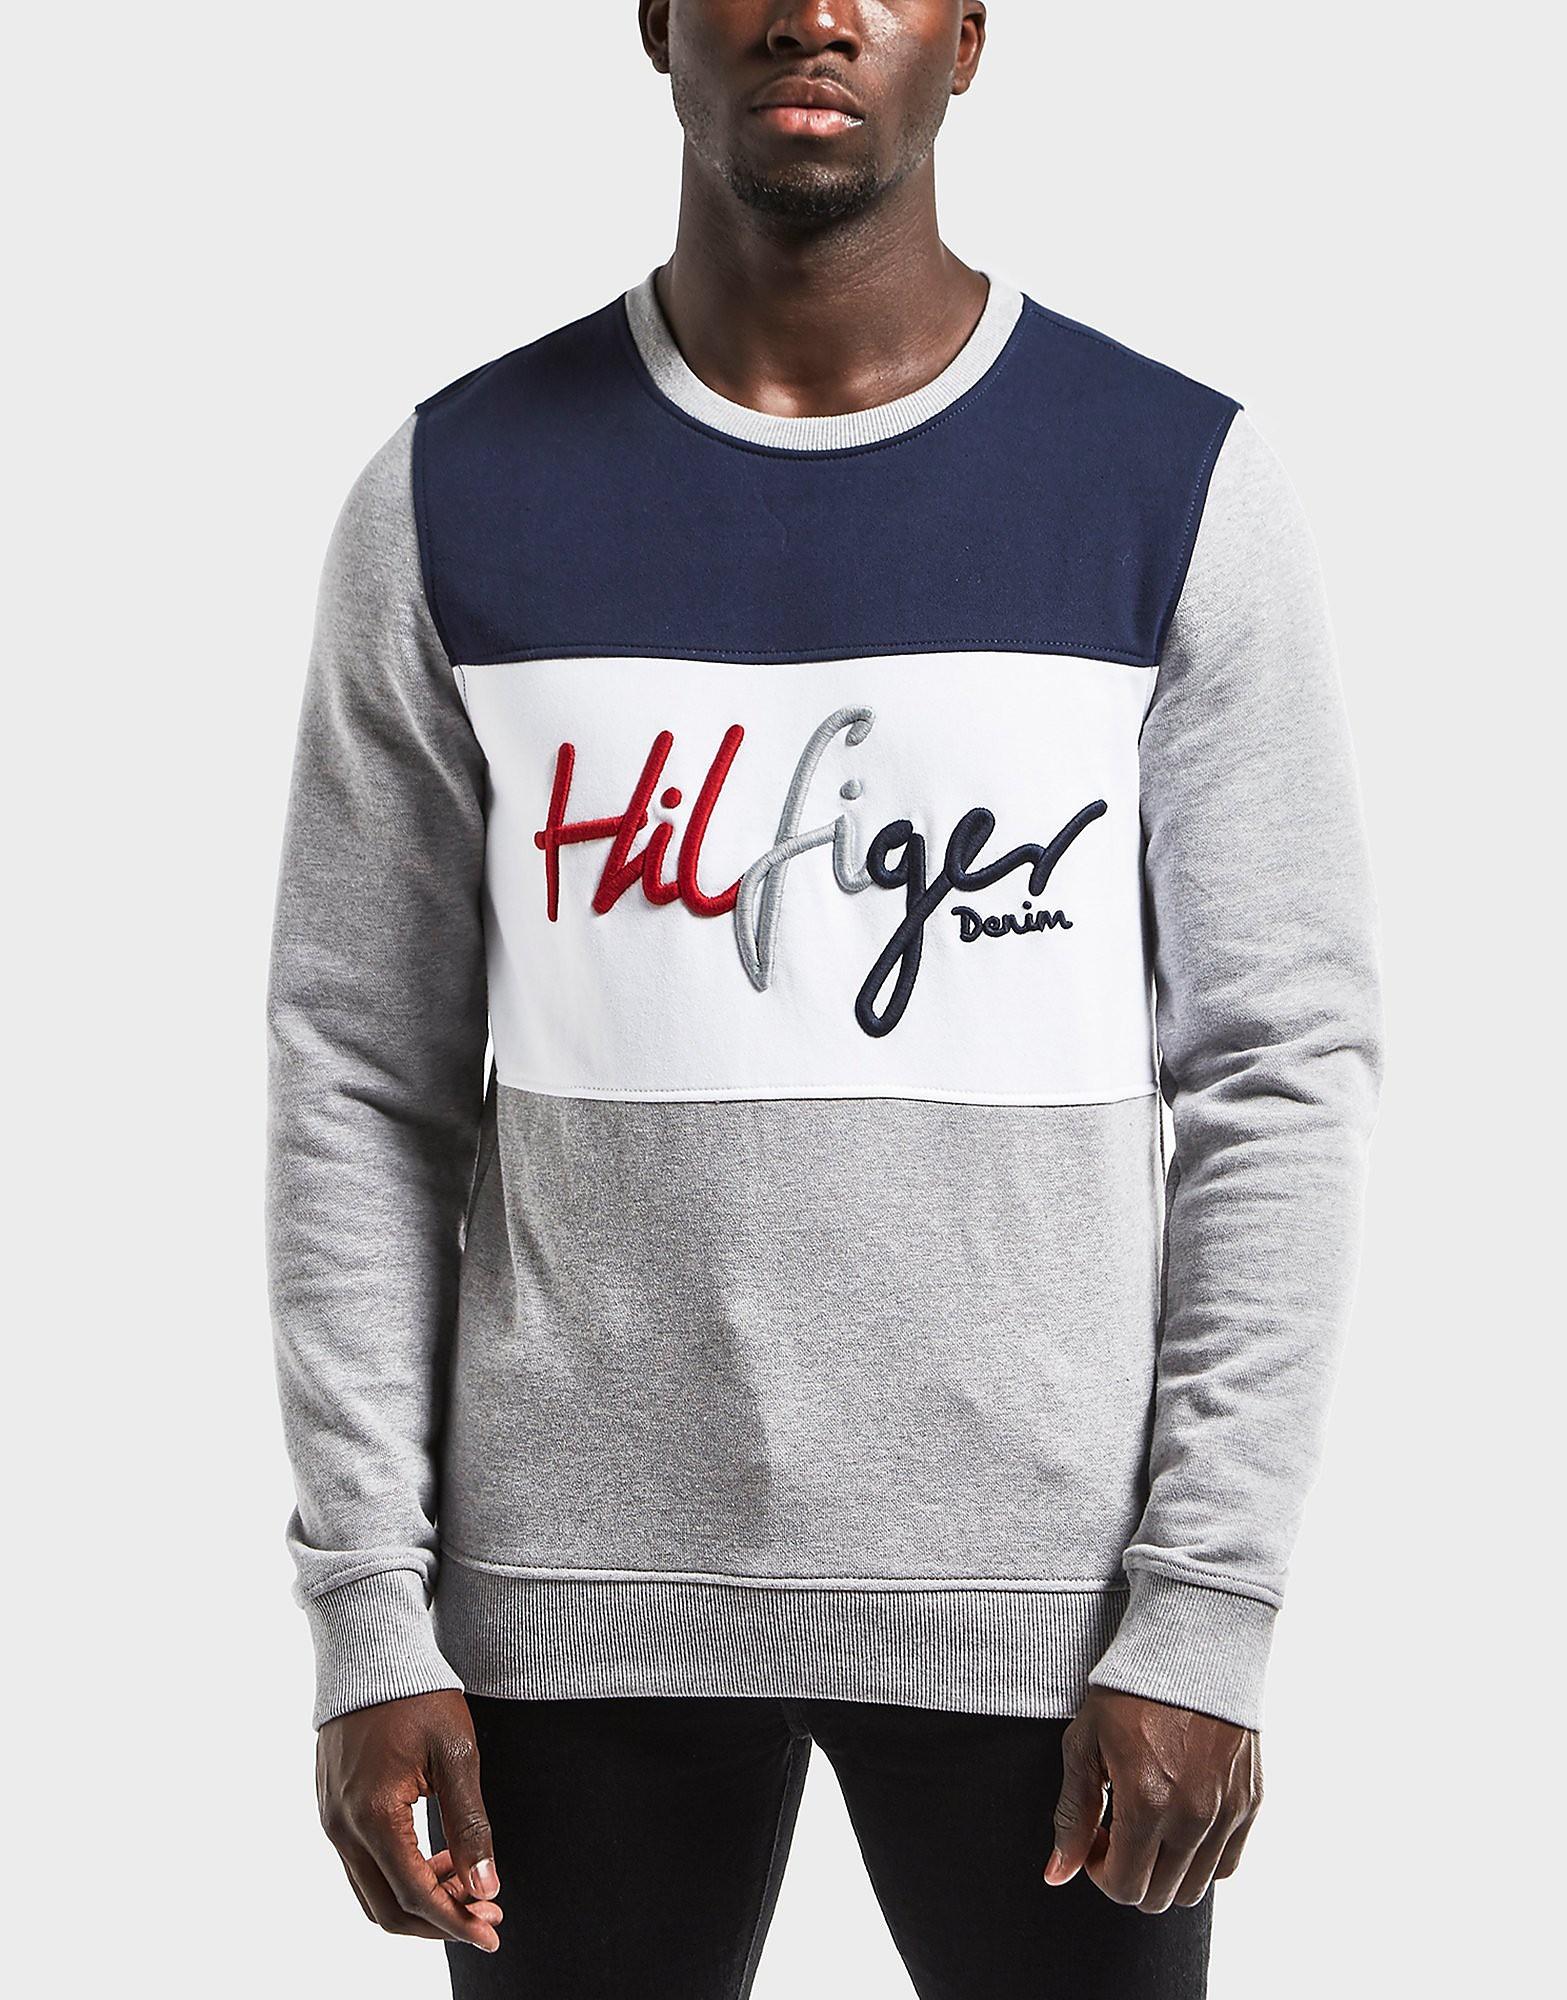 Tommy Hilfiger Retro Crew Neck Sweatshirt